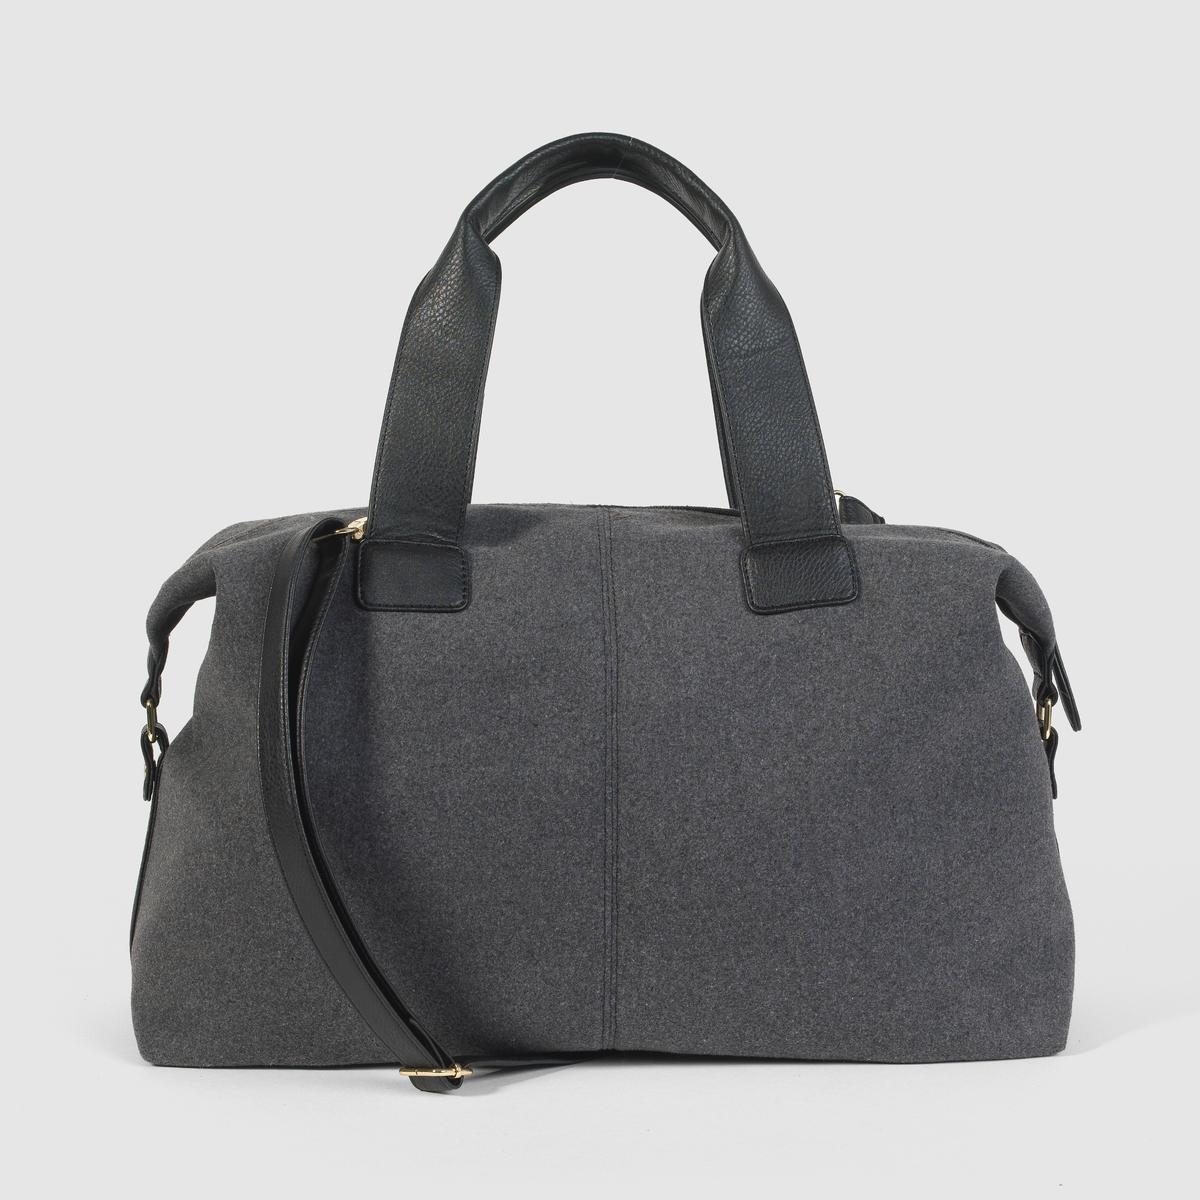 Сумка на молнииПреимущества : идеальная сумка для воскресных прогулок.<br><br>Цвет: серый